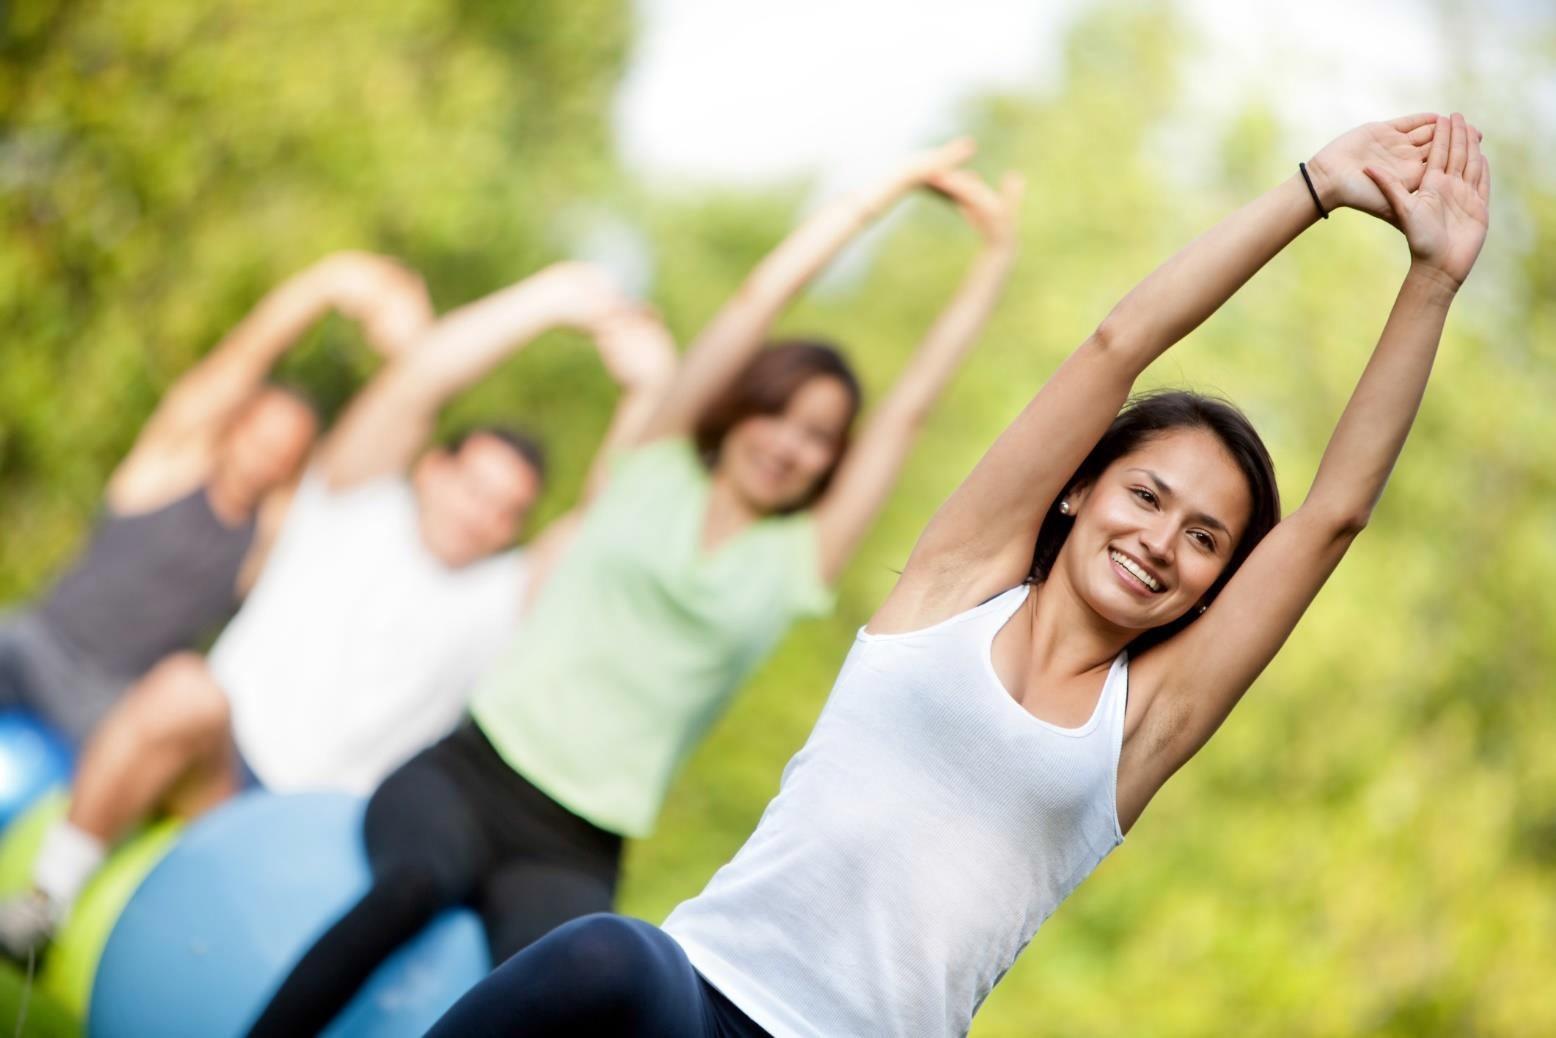 Để trở thành hướng dẫn viên chuyên nghiệp cần có sức khỏe tốt và niềm đam mê nhiệt huyết